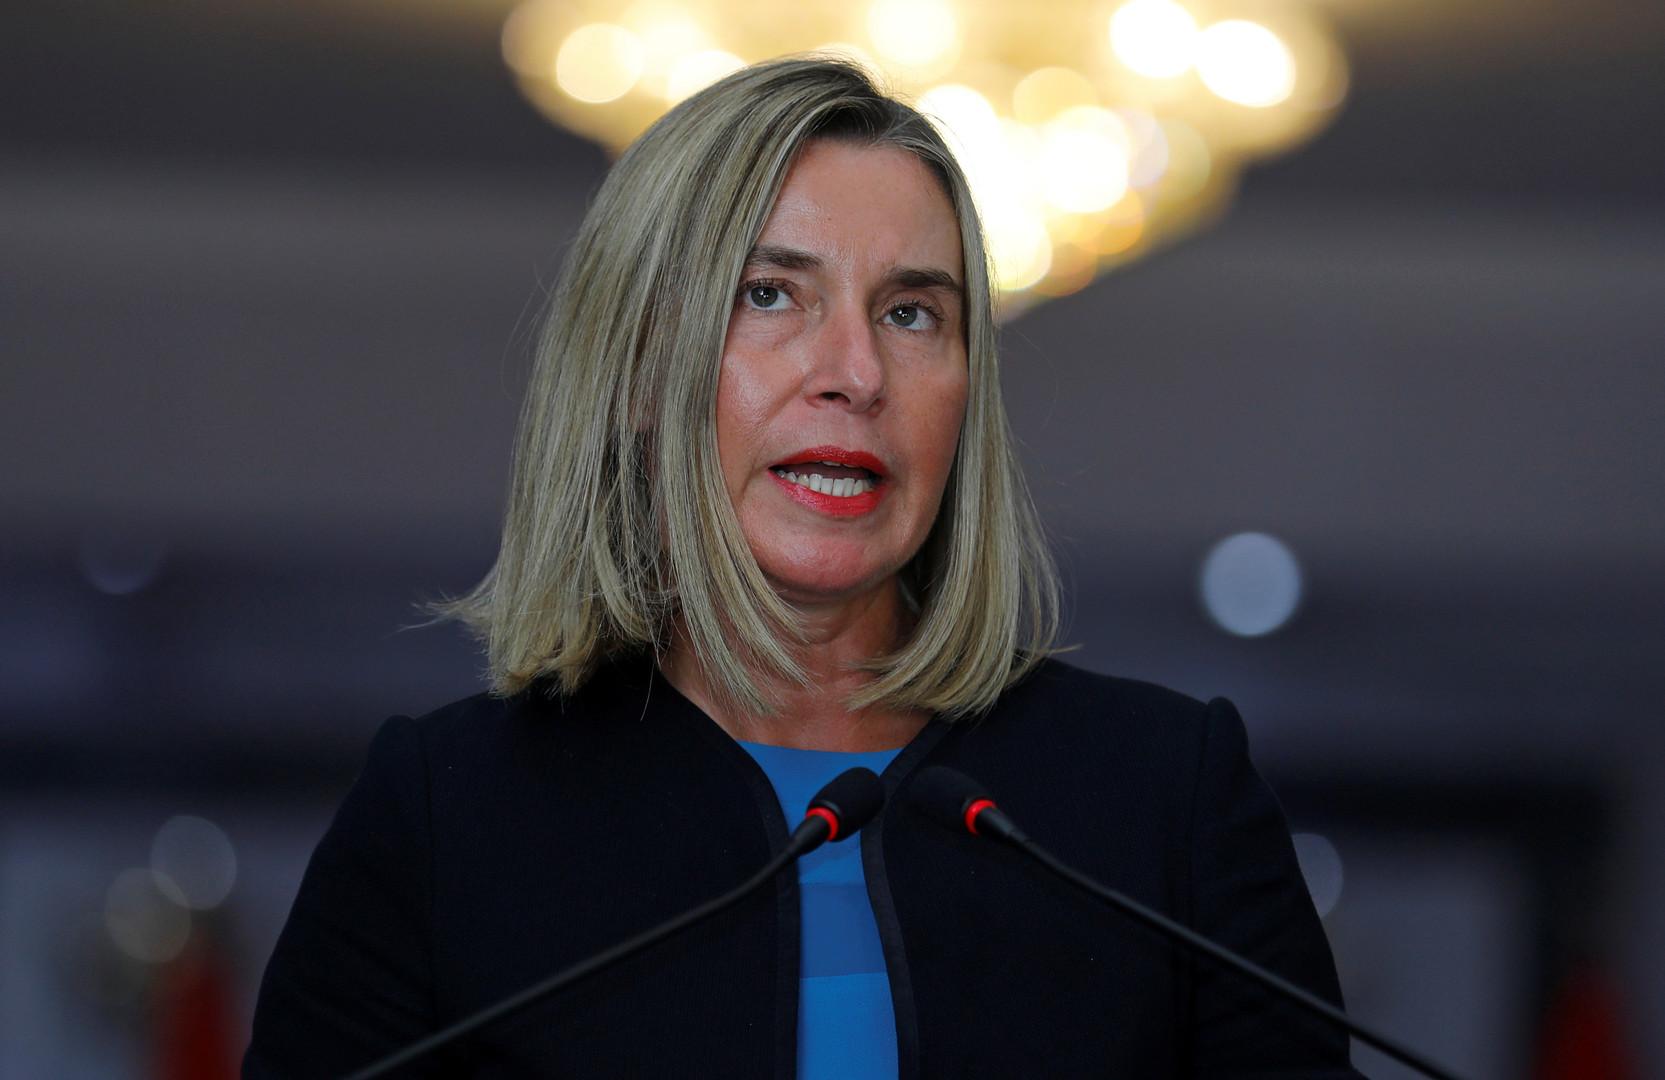 مفوضة الاتحاد الأوروبي للسياسة الخارجية، فيديريكا موغيريني